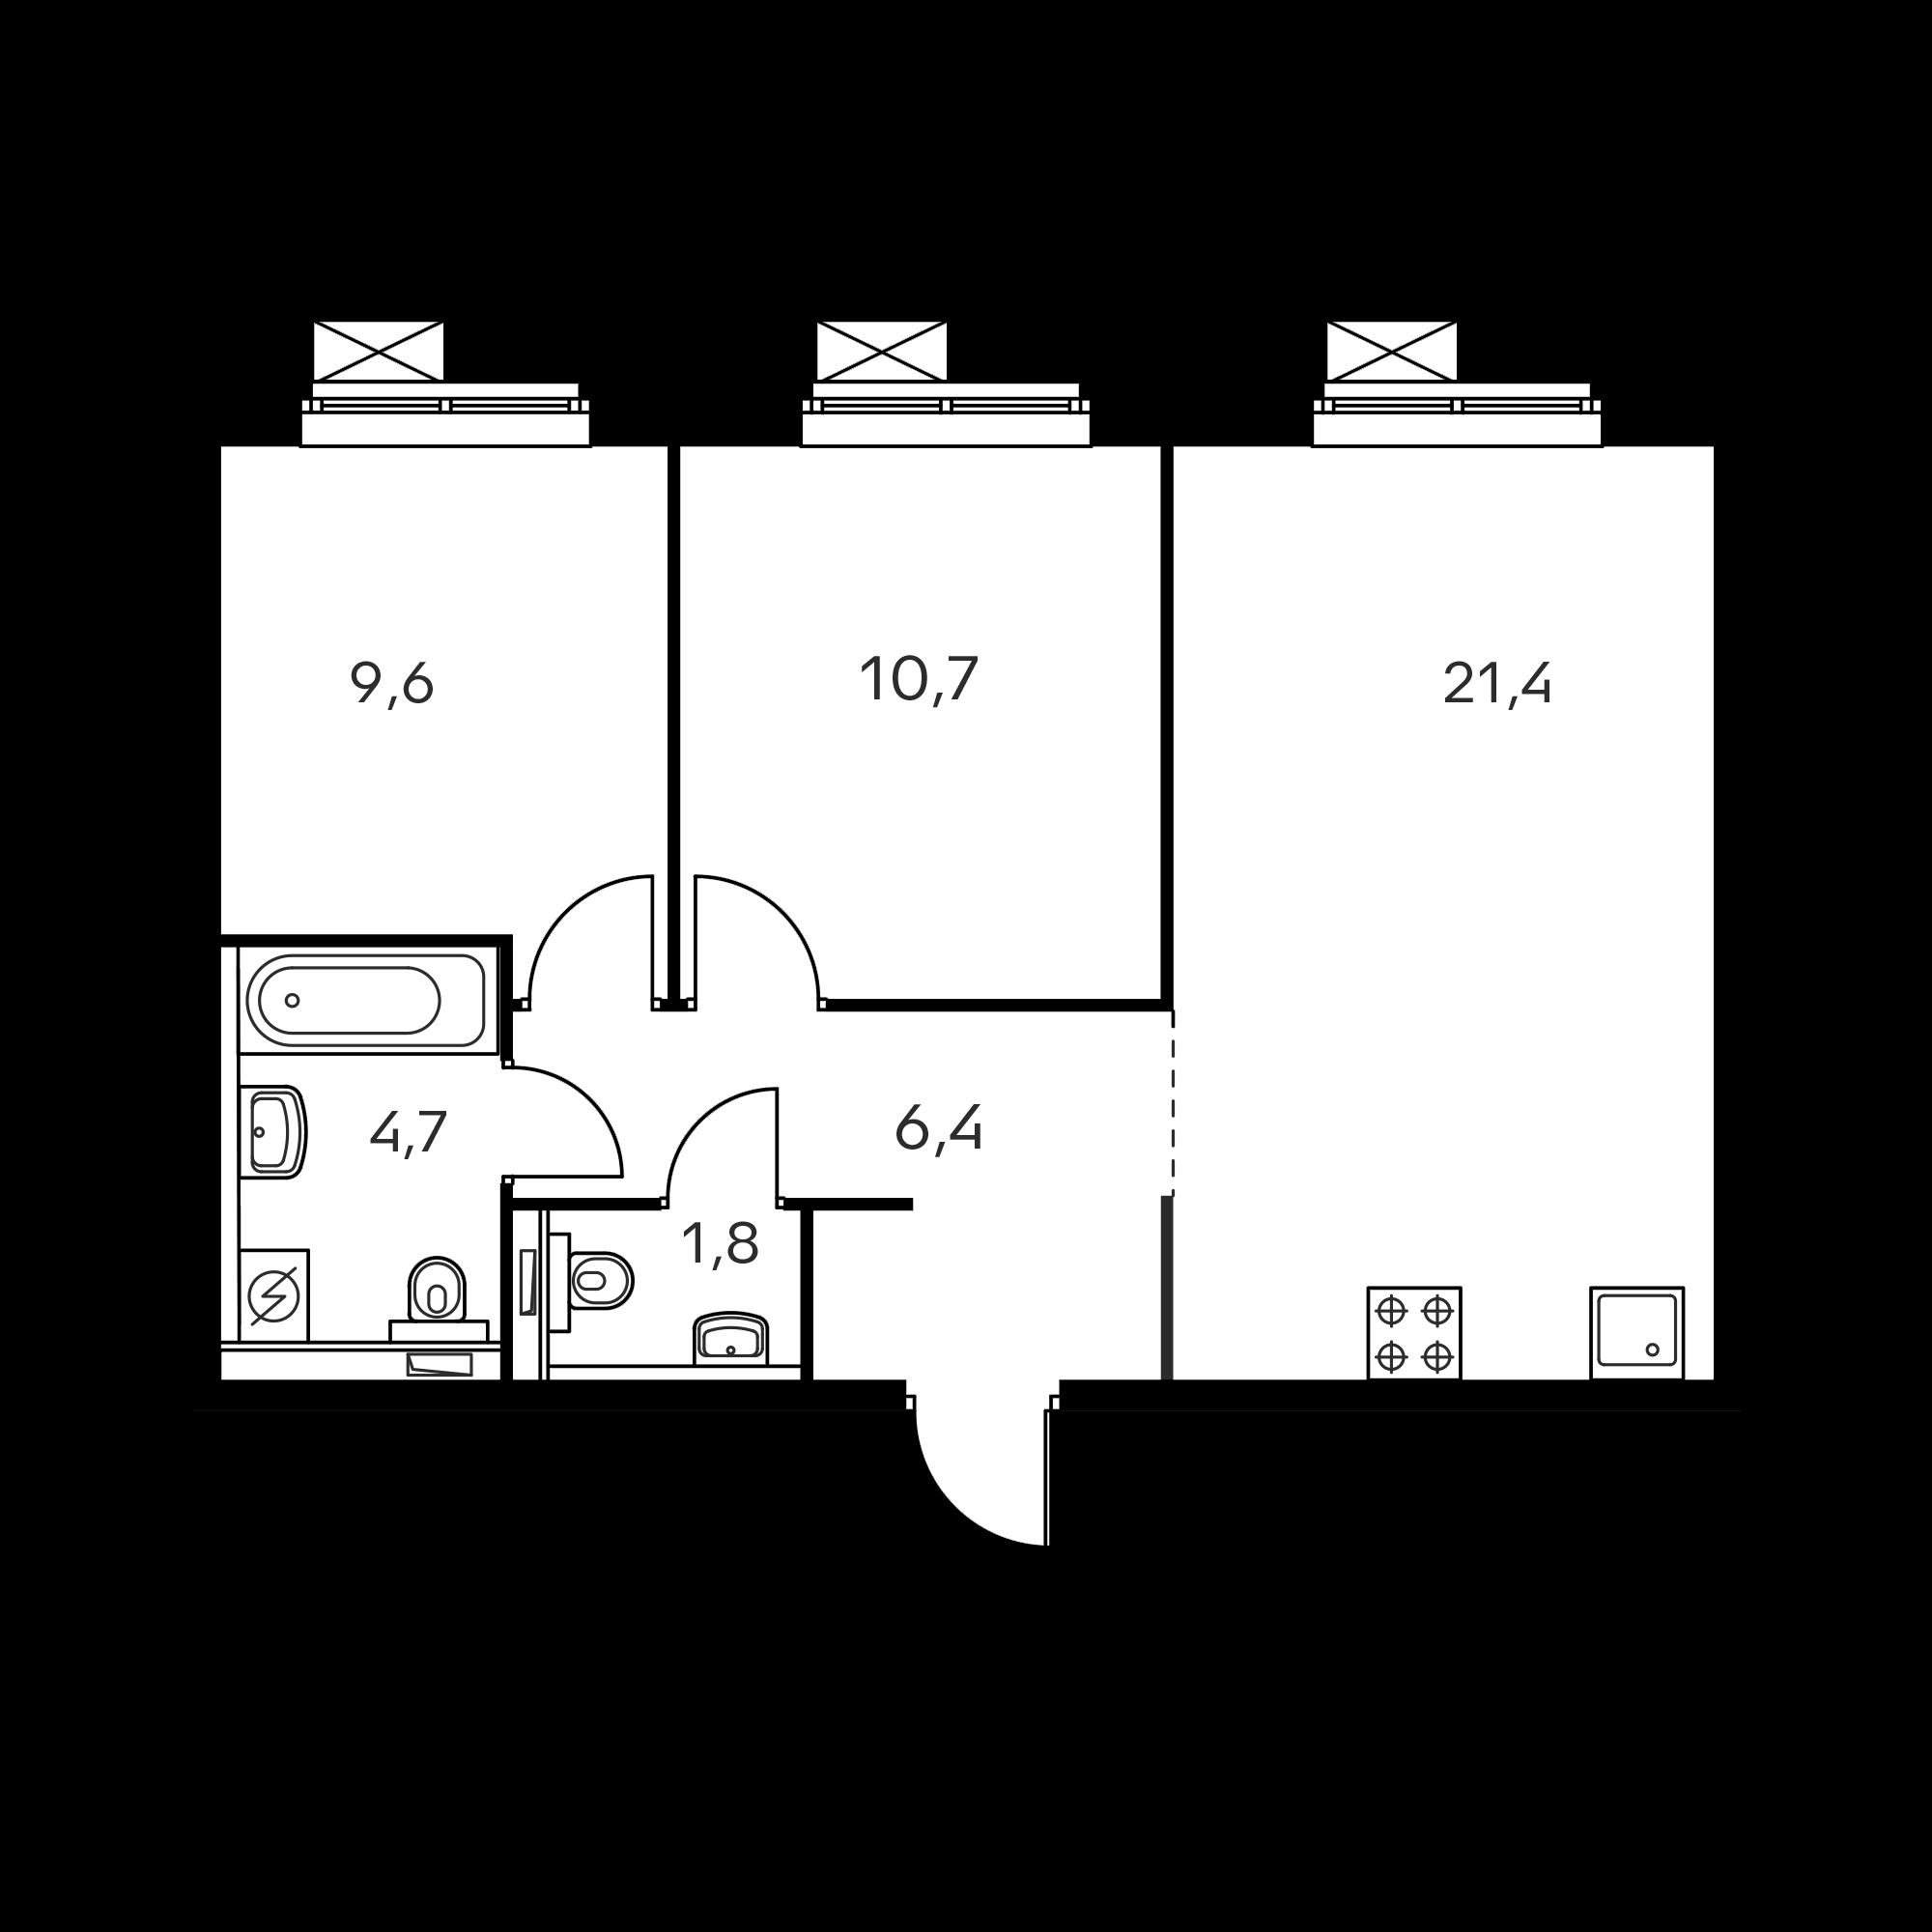 2EM9_9.6-1_S_Z-10